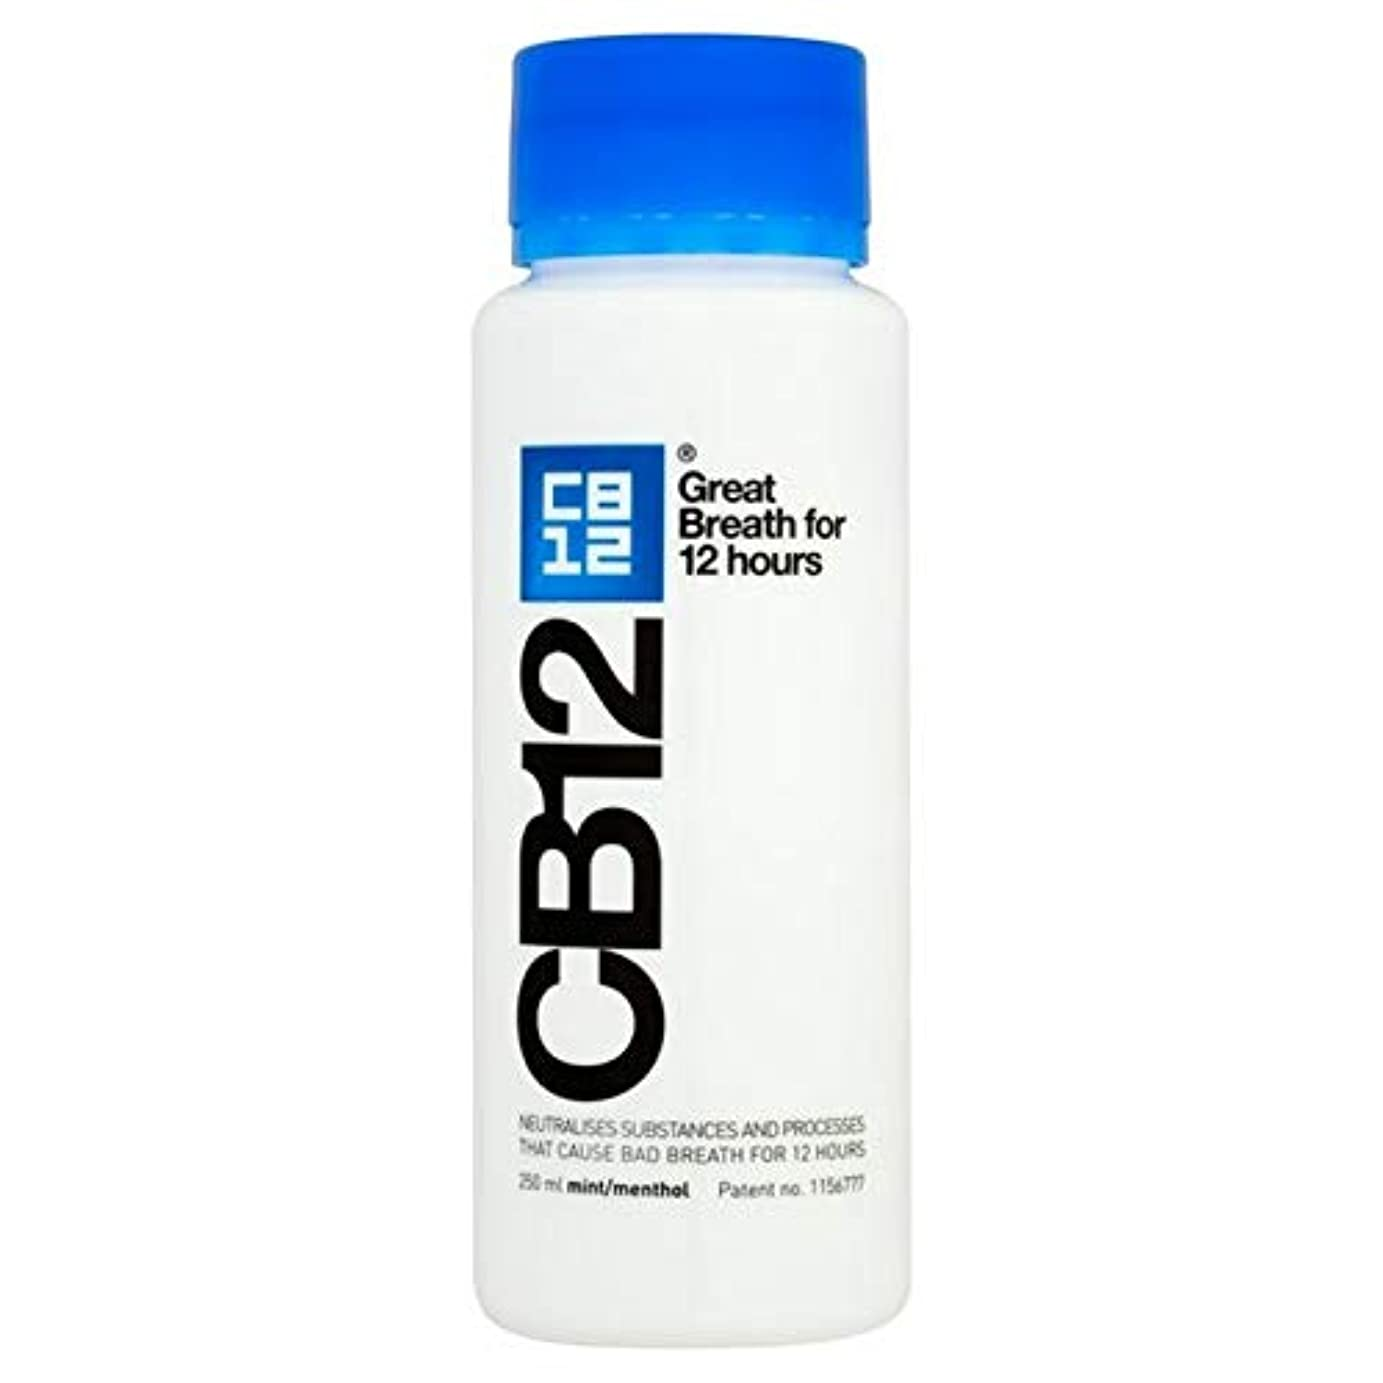 用心深い集中的なポケット[CB12] Cb12安全な息マウスウォッシュミント250ミリリットル - CB12 Safe Breath Mouthwash Mint 250ml [並行輸入品]